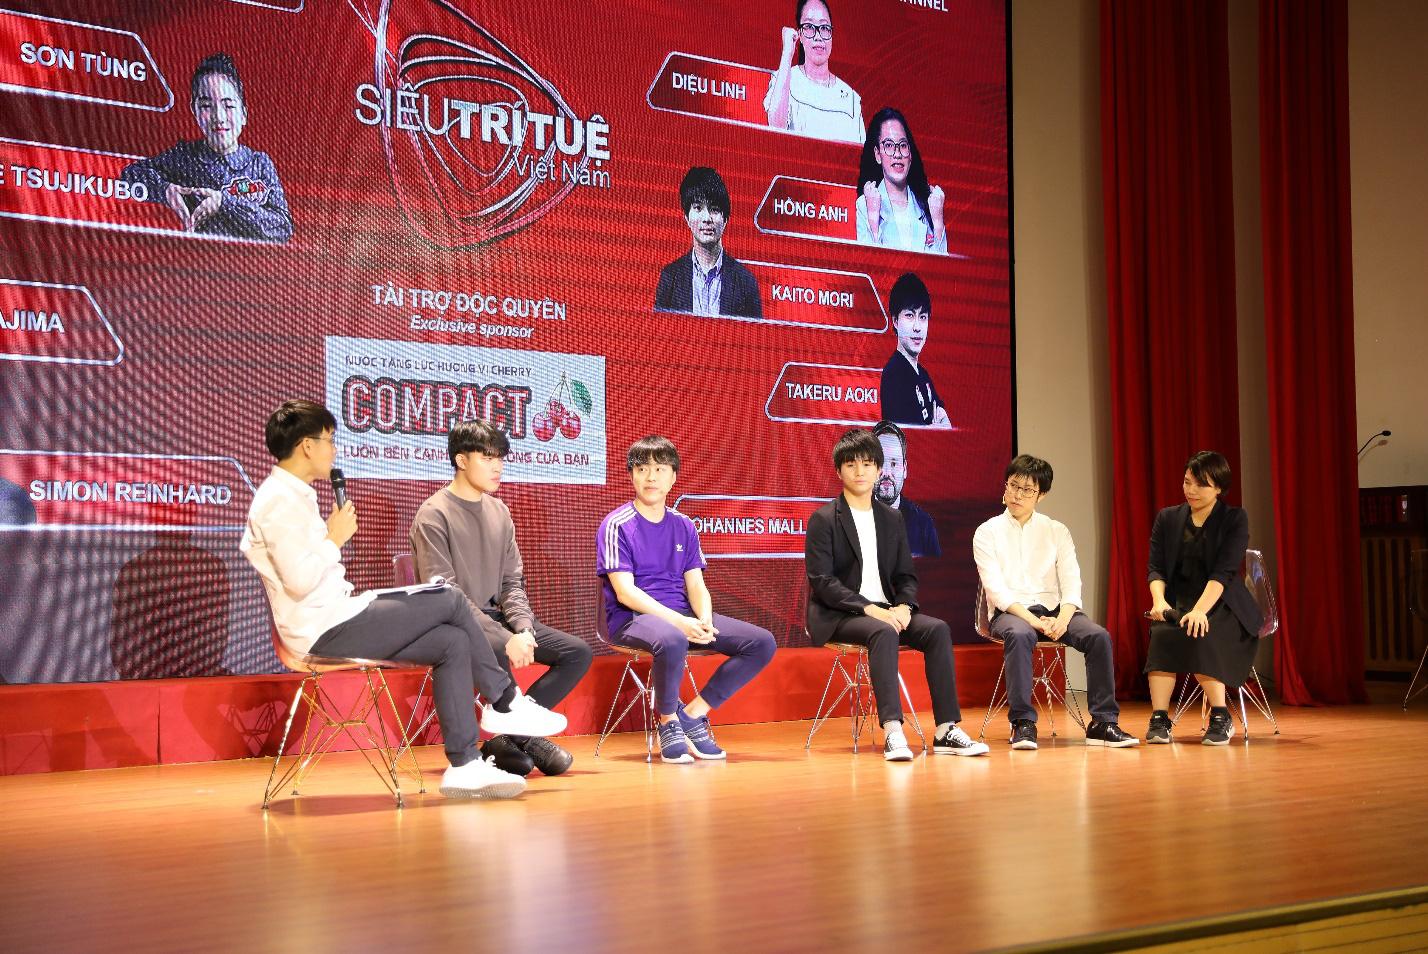 Dàn siêu trí tuệ quốc tế và Việt Nam bất ngờ hội ngộ khiến fan Việt vỡ òa - Ảnh 10.